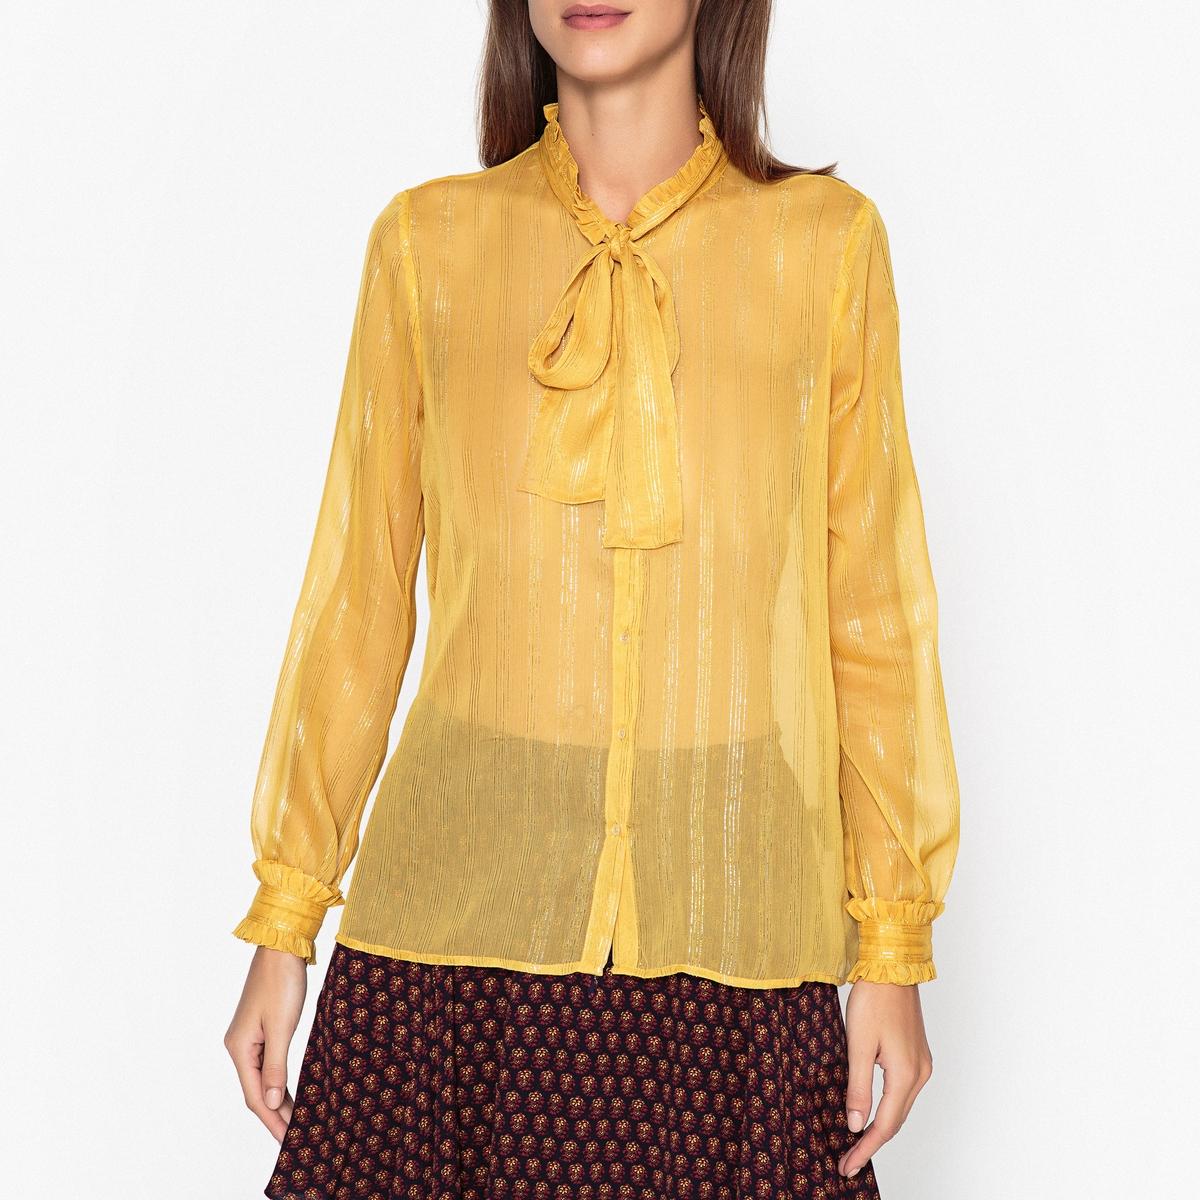 Рубашка с галстуком-бантомРубашка с длинными рукавами MAISON SCOTCH из прозрачной ткани в блестящую полоску. Галстук-бант и воланы на вырезе.Детали •  Длинные рукава •  Прямой покрой  •  Галстук-бантСостав и уход •  100% полиэстер •  Следуйте советам по уходу, указанным на этикетке •  Манжеты на пуговицах с отделкой воланами<br><br>Цвет: желтый<br>Размер: L